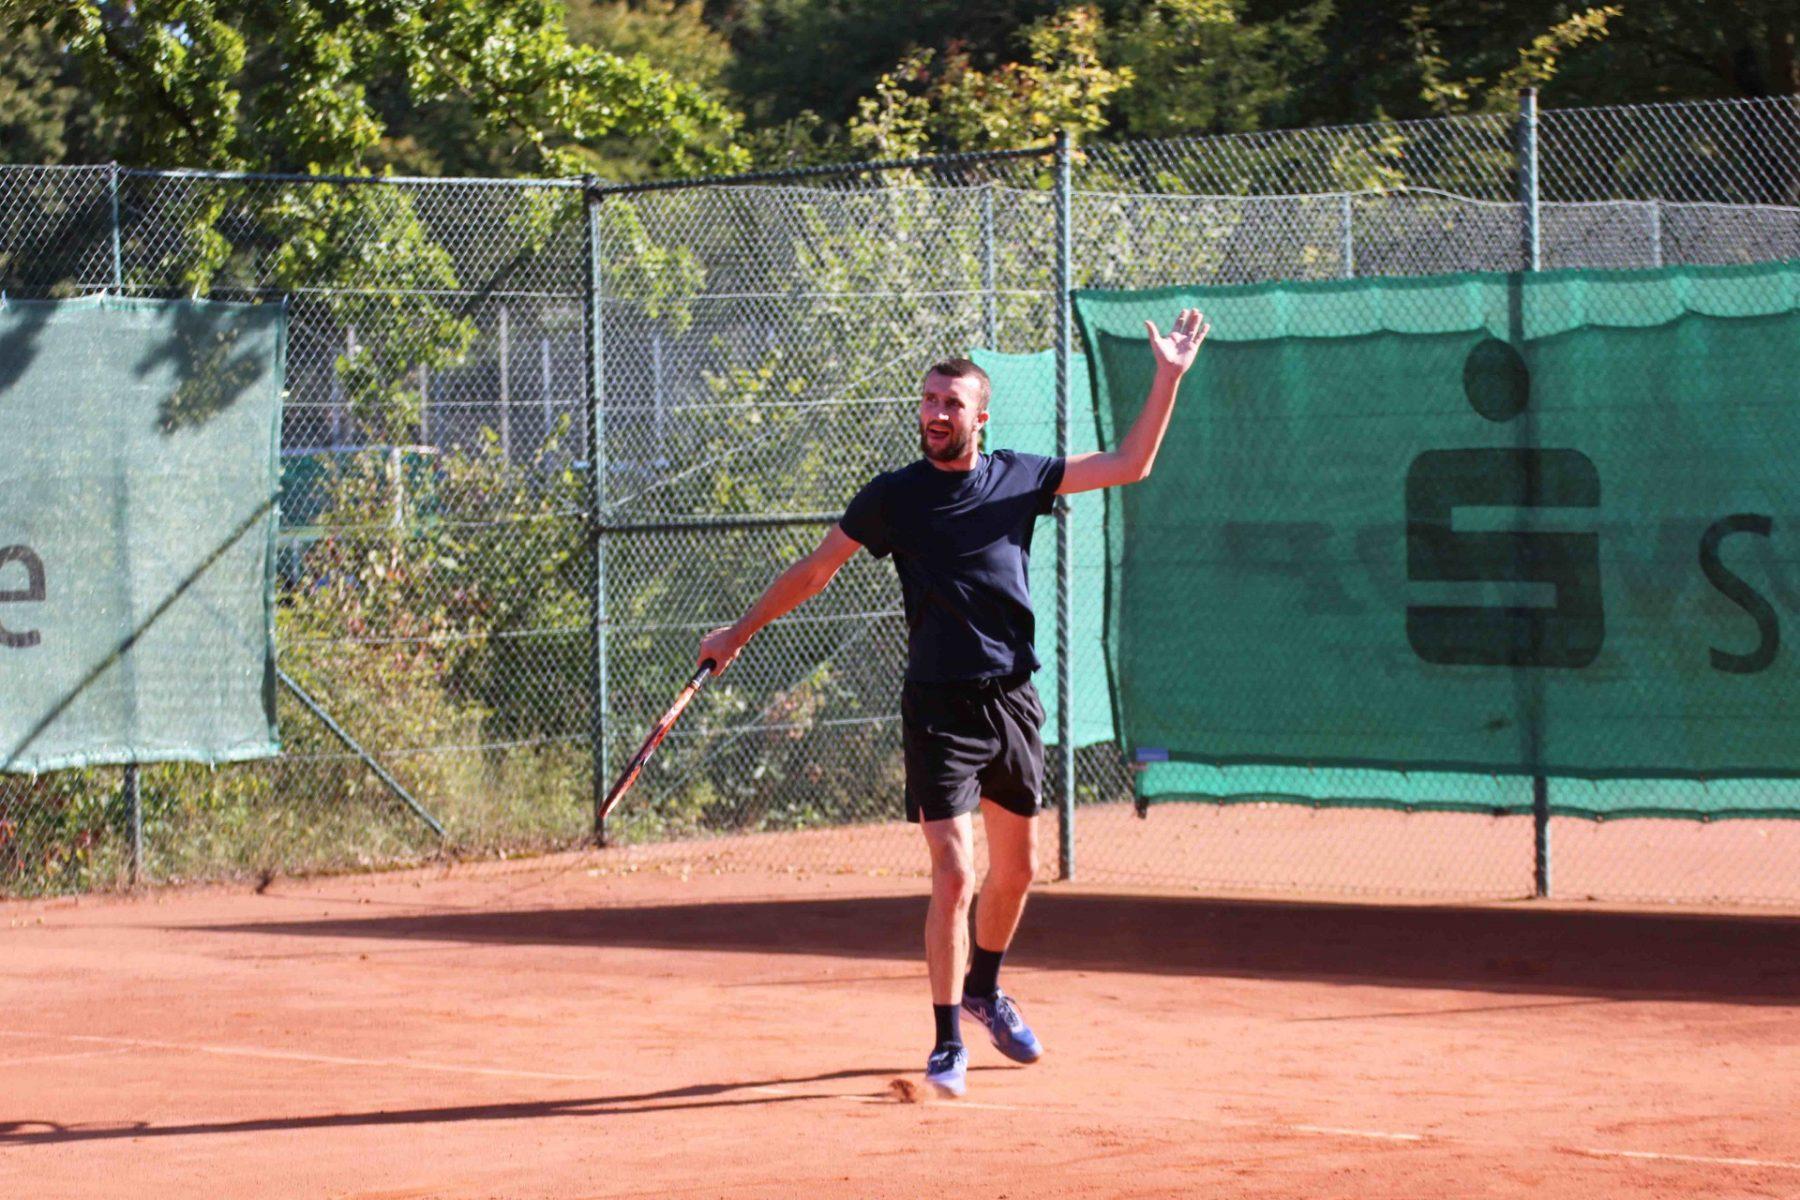 telekom-post-sv-bielefeld-tennisabteilung-vereinsmeisterschaften-2020-impressionen-5-hp